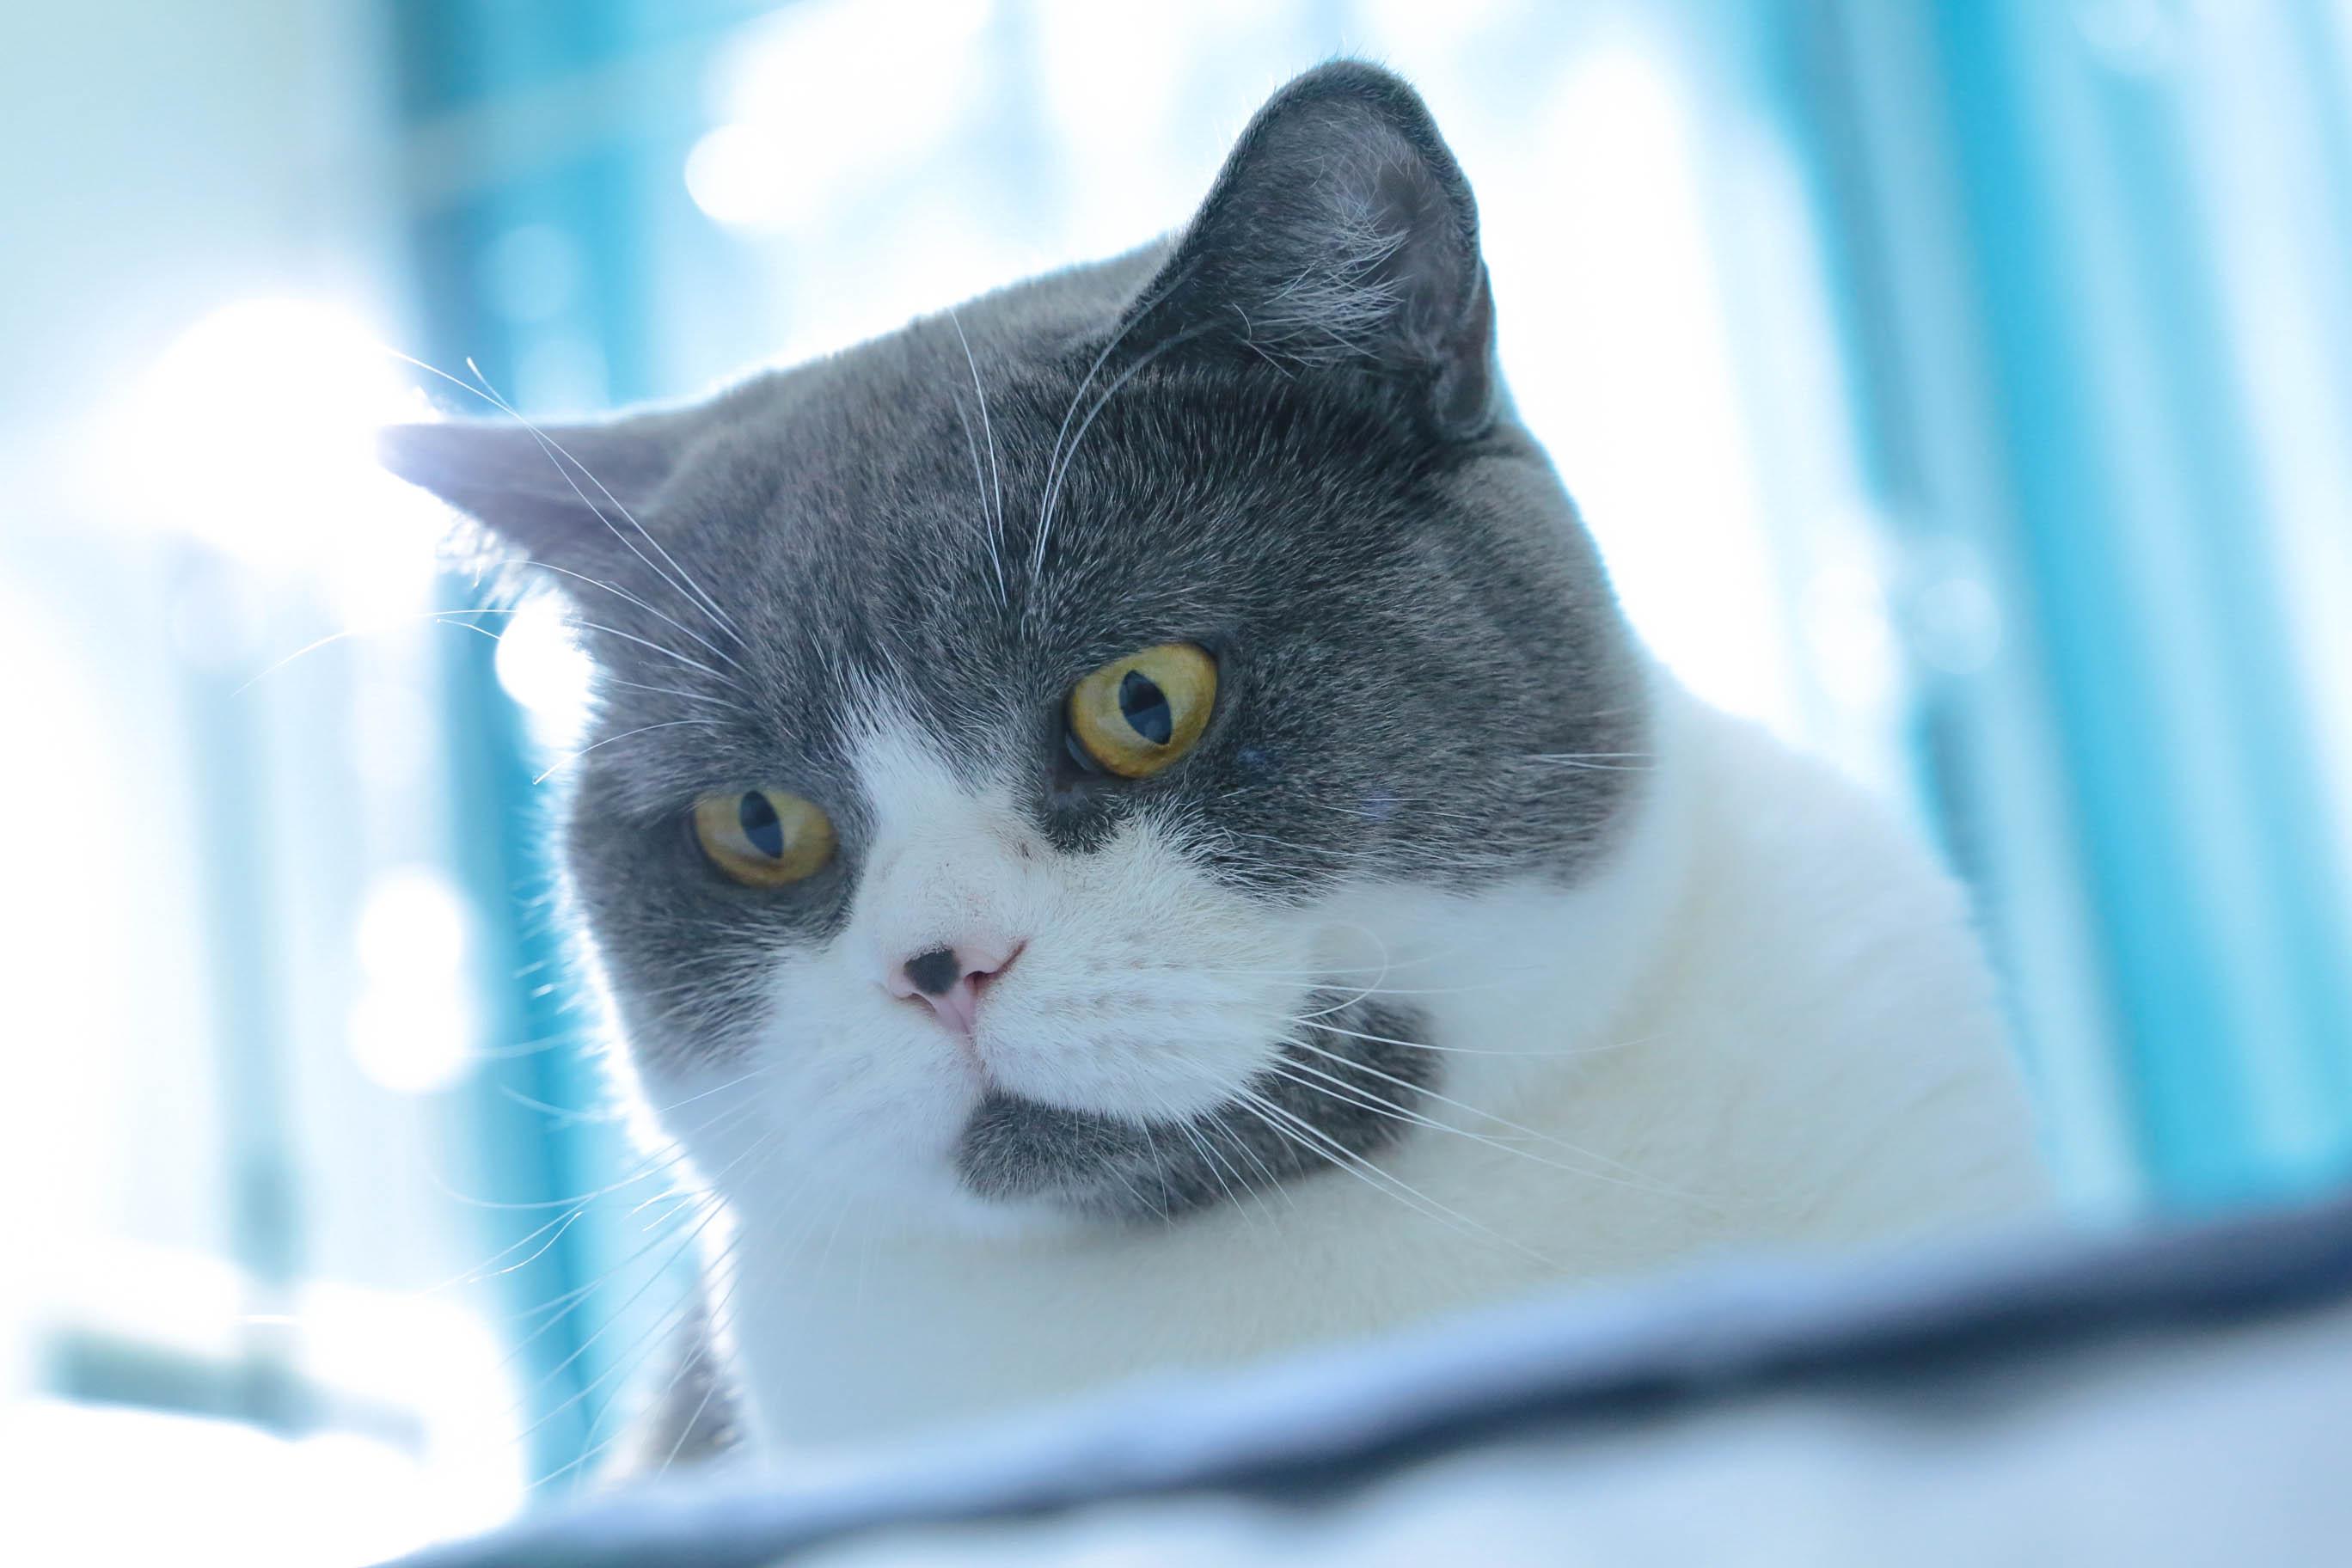 柿子菌的猫.jpg